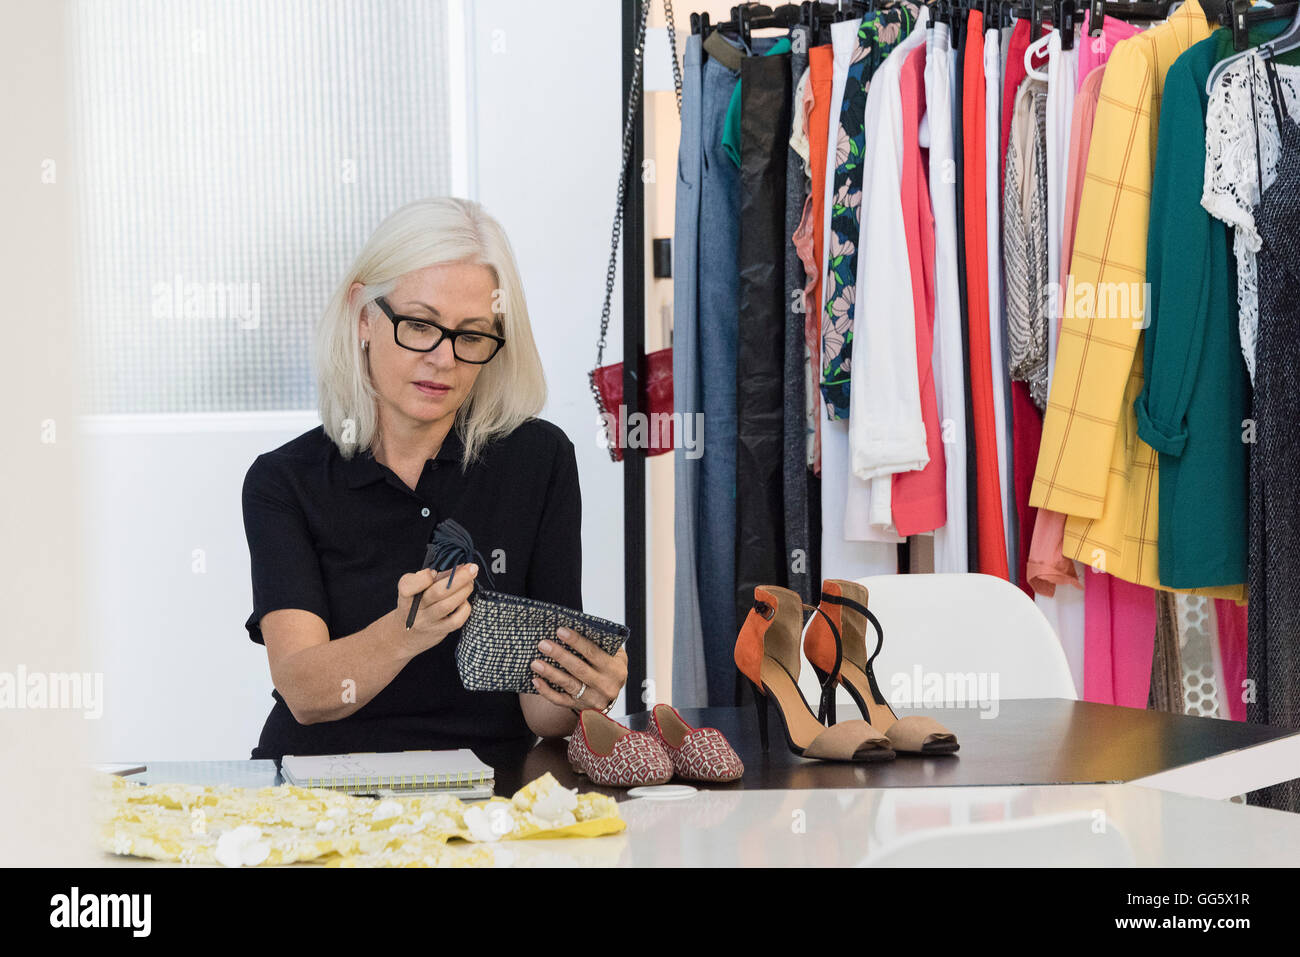 La indumentaria femenina diseñador que trabaja en su tienda Imagen De Stock